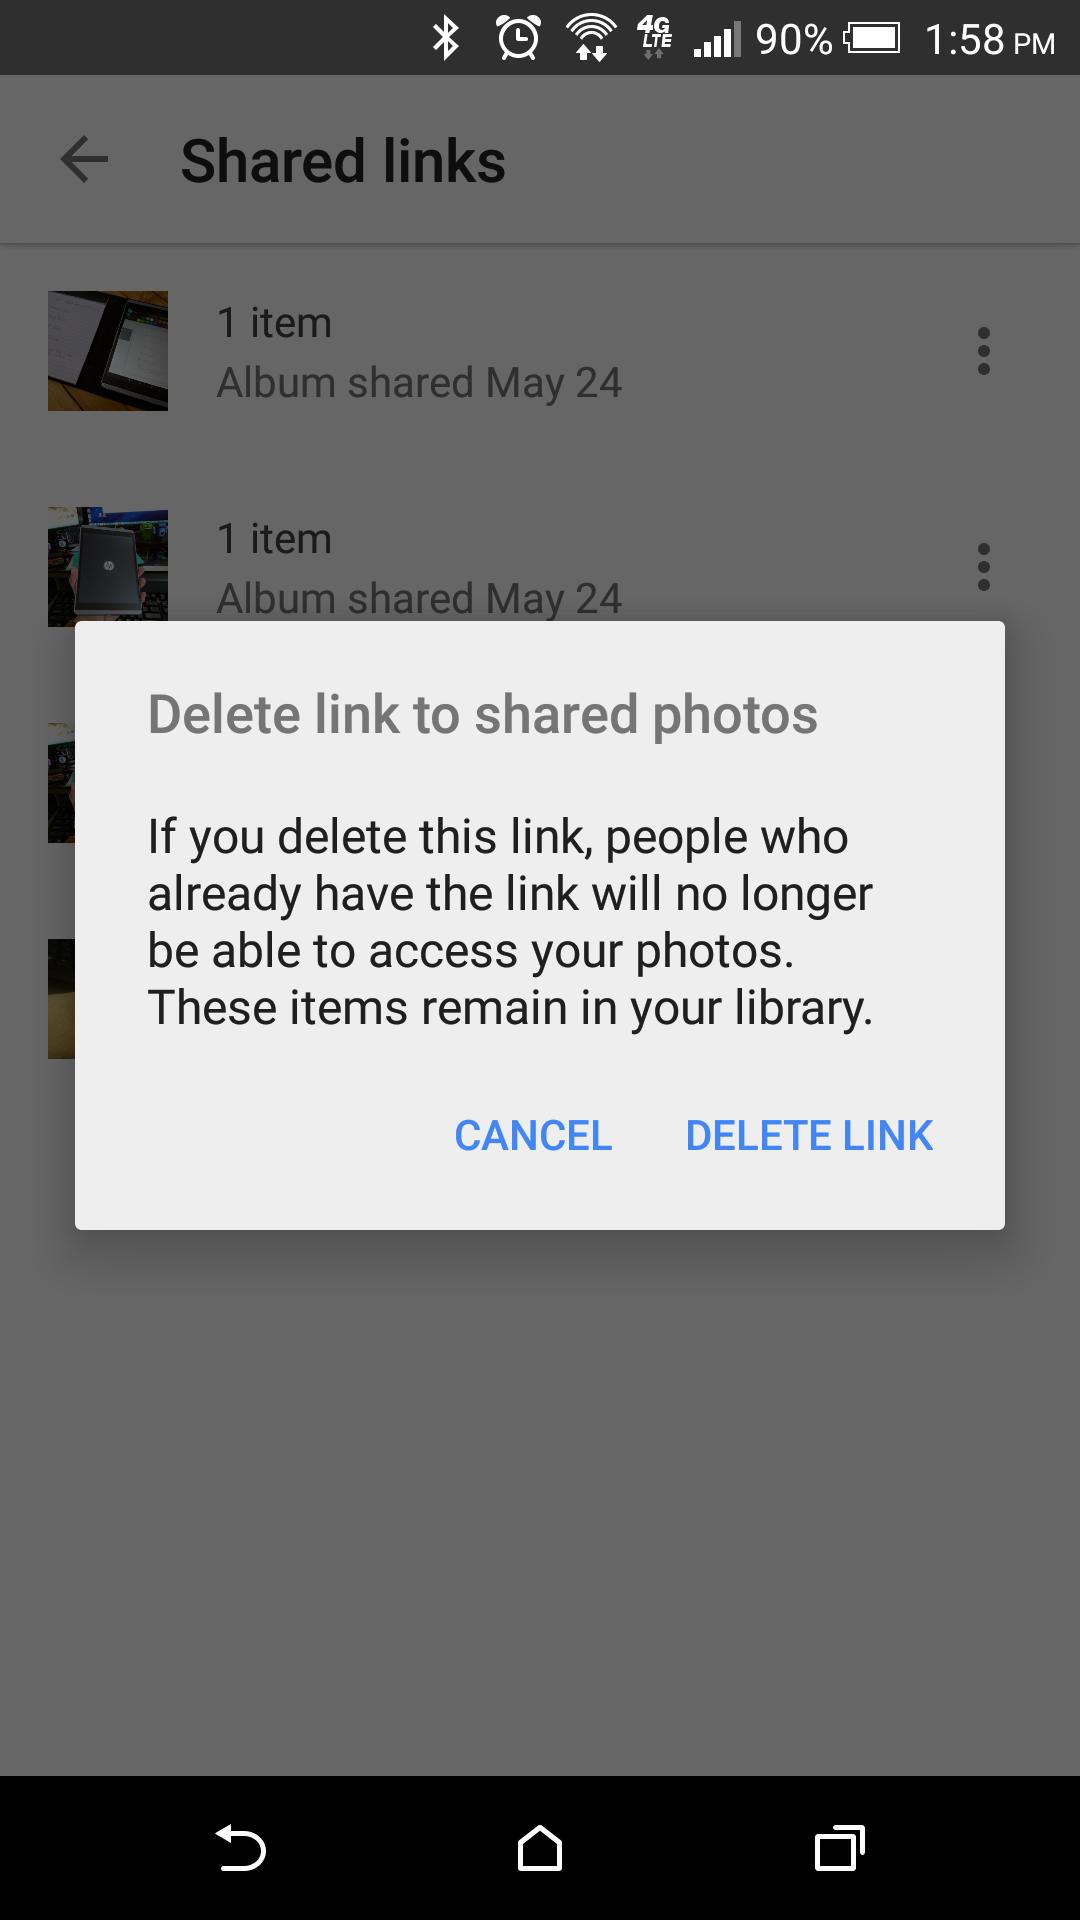 How to delete scrapbook photos google+ -  2015 05 24 18 58 26